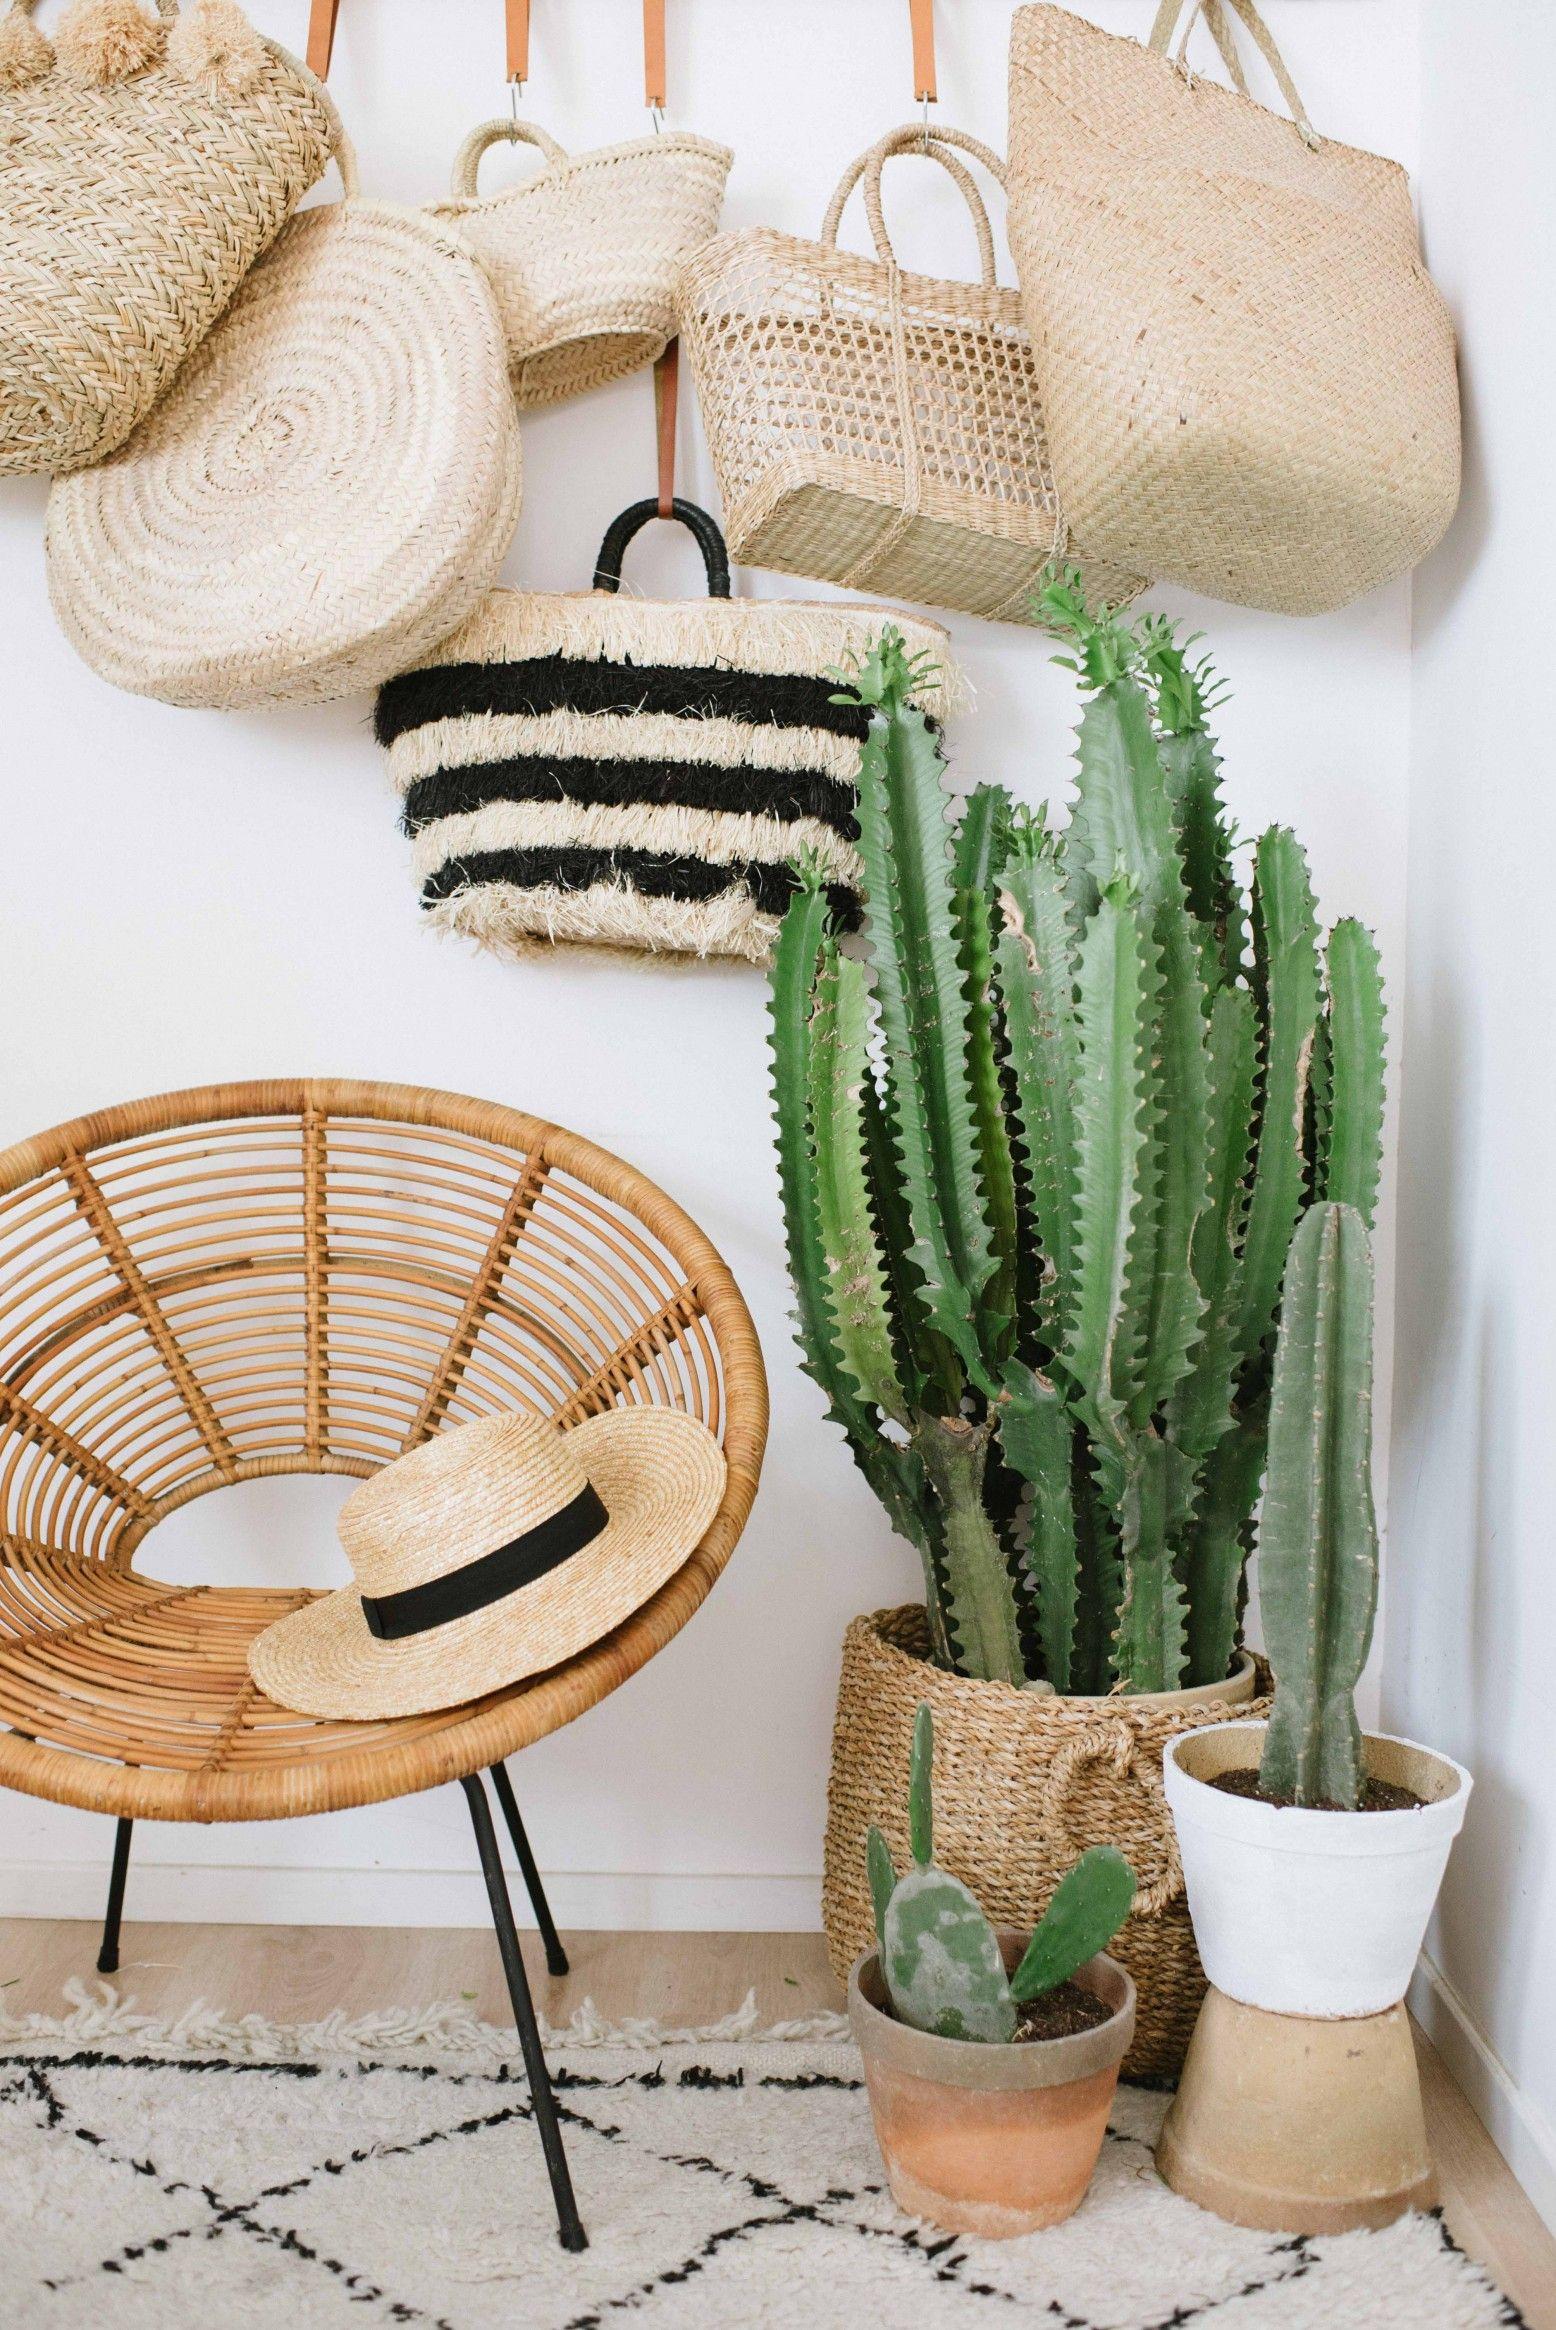 Ibiza urban jungle zithoek met rotan stoel, rieten tassen en cactus  collectie. (Met een DIY voor dit tassenrek van hout en leer!)    via A Pair  and a Spare d4b334dd19f